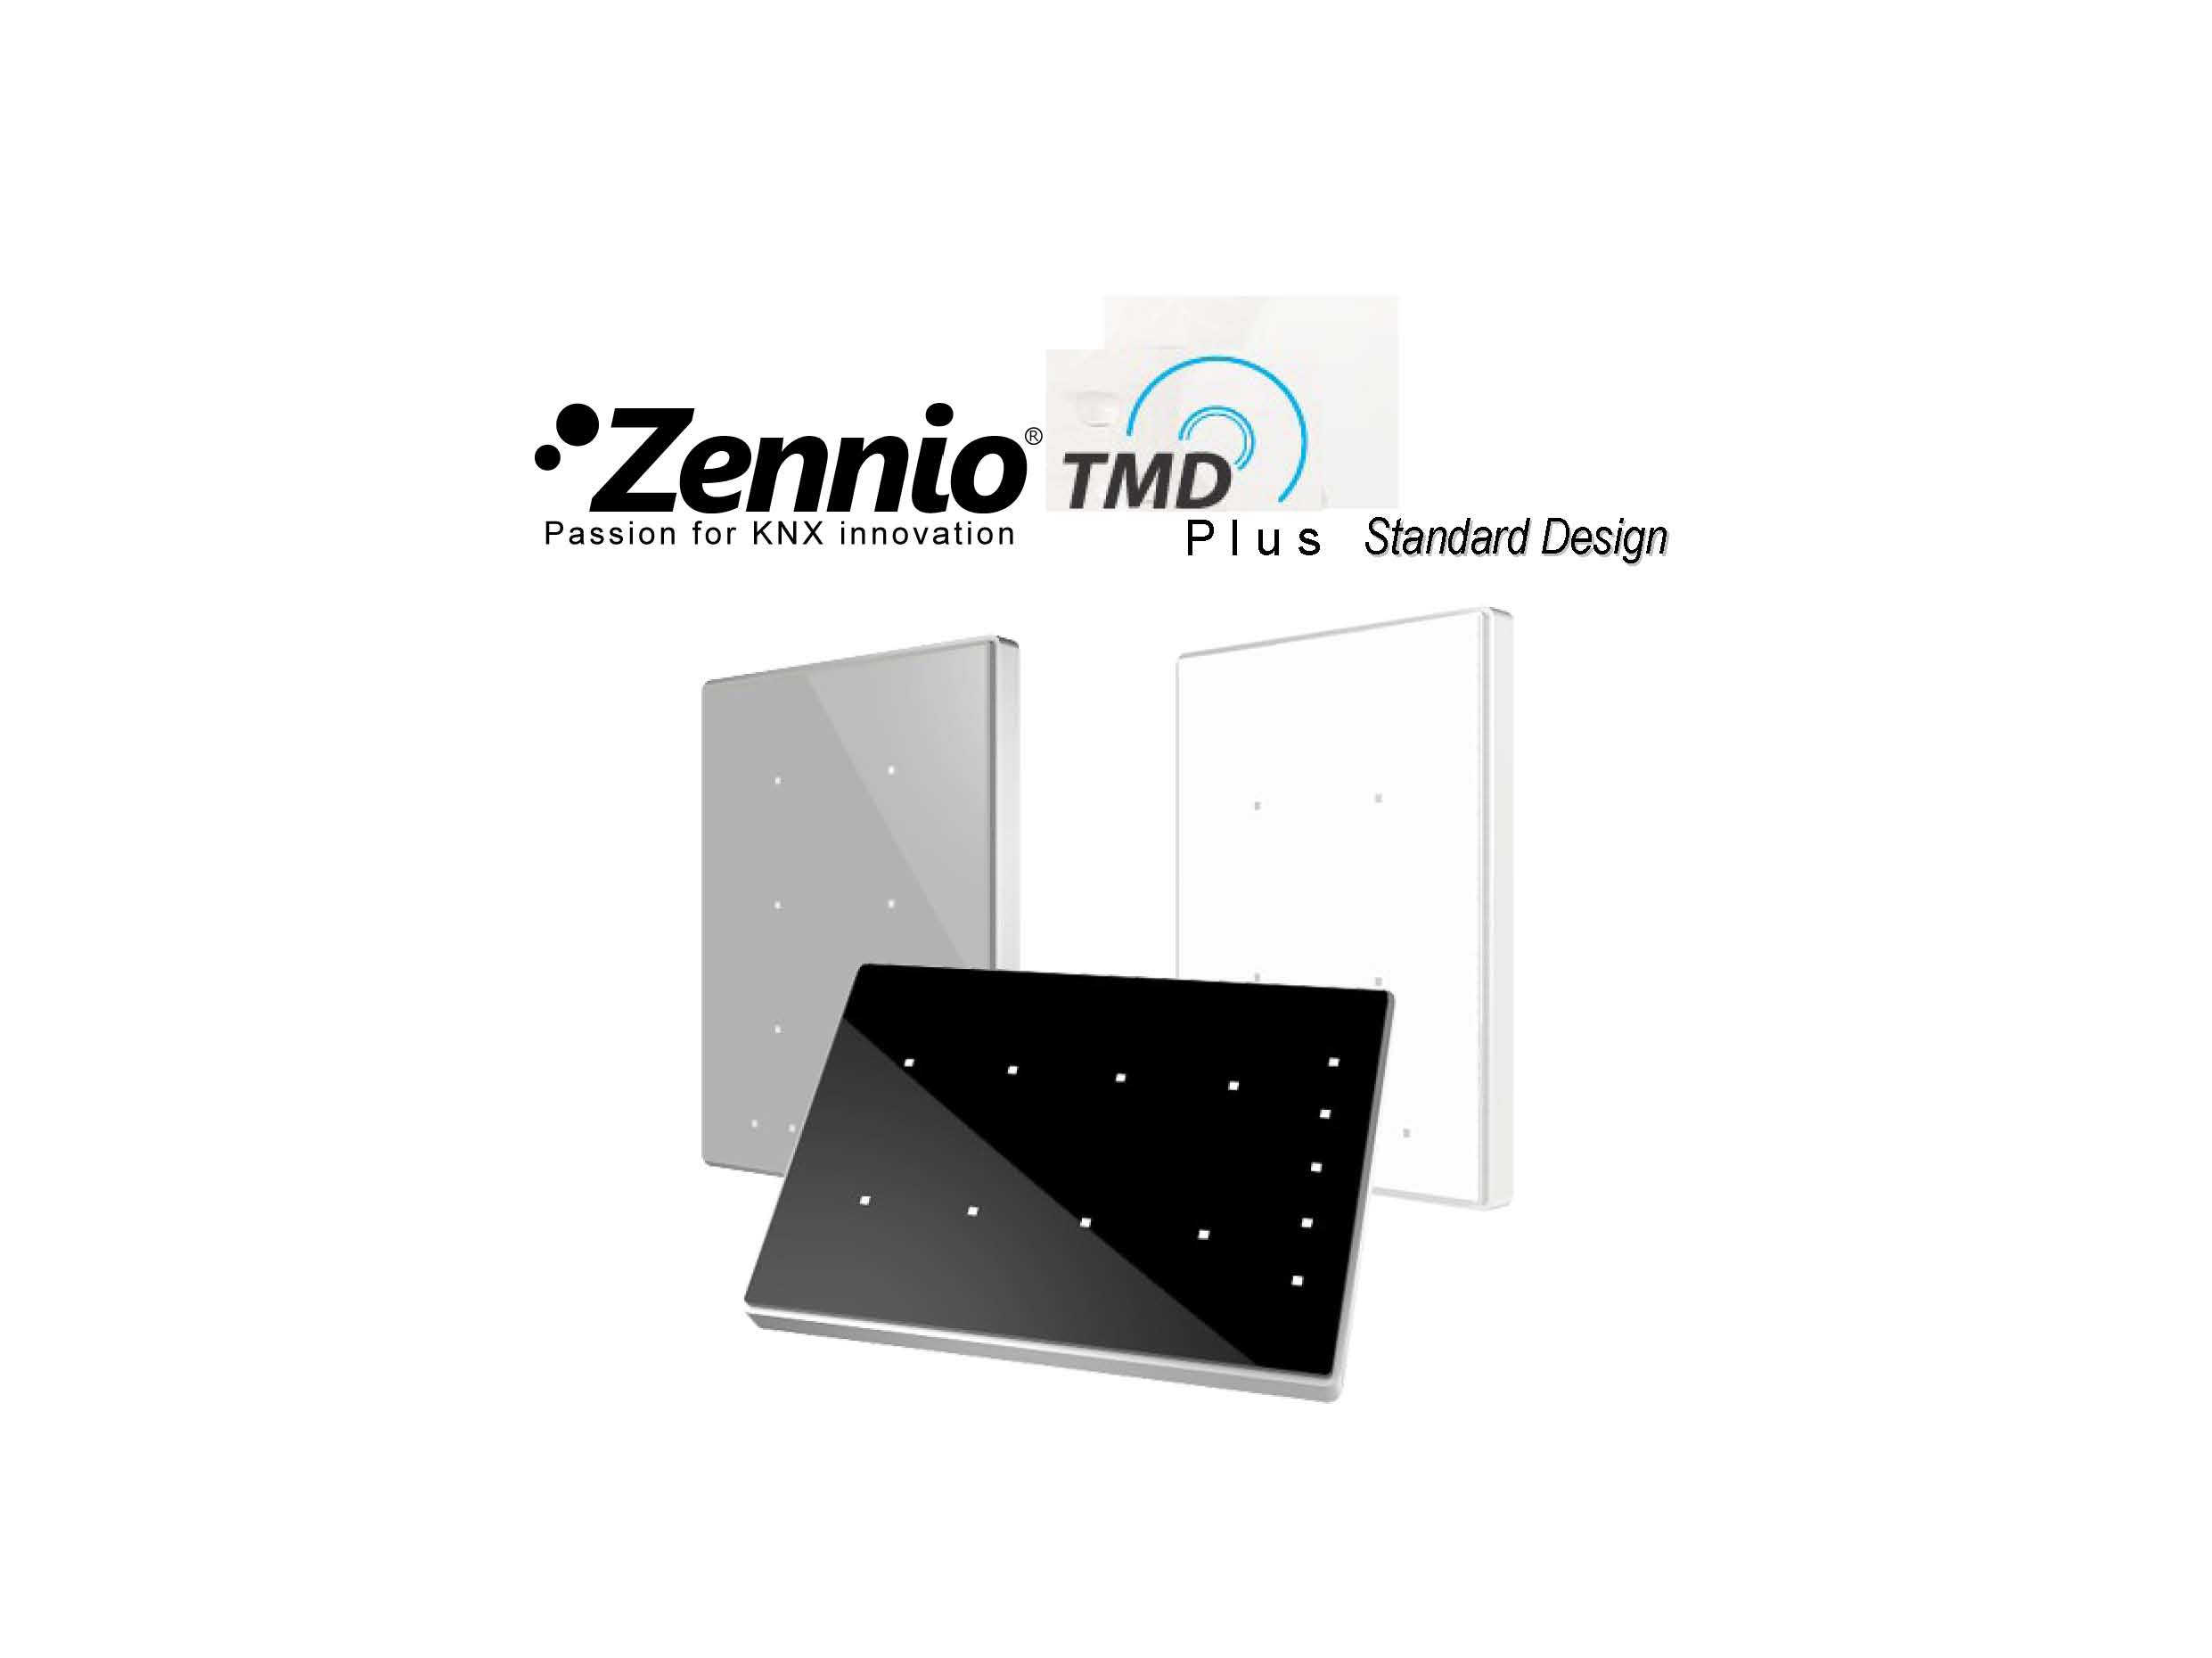 Zennio TMD Plus. Standardutförande.